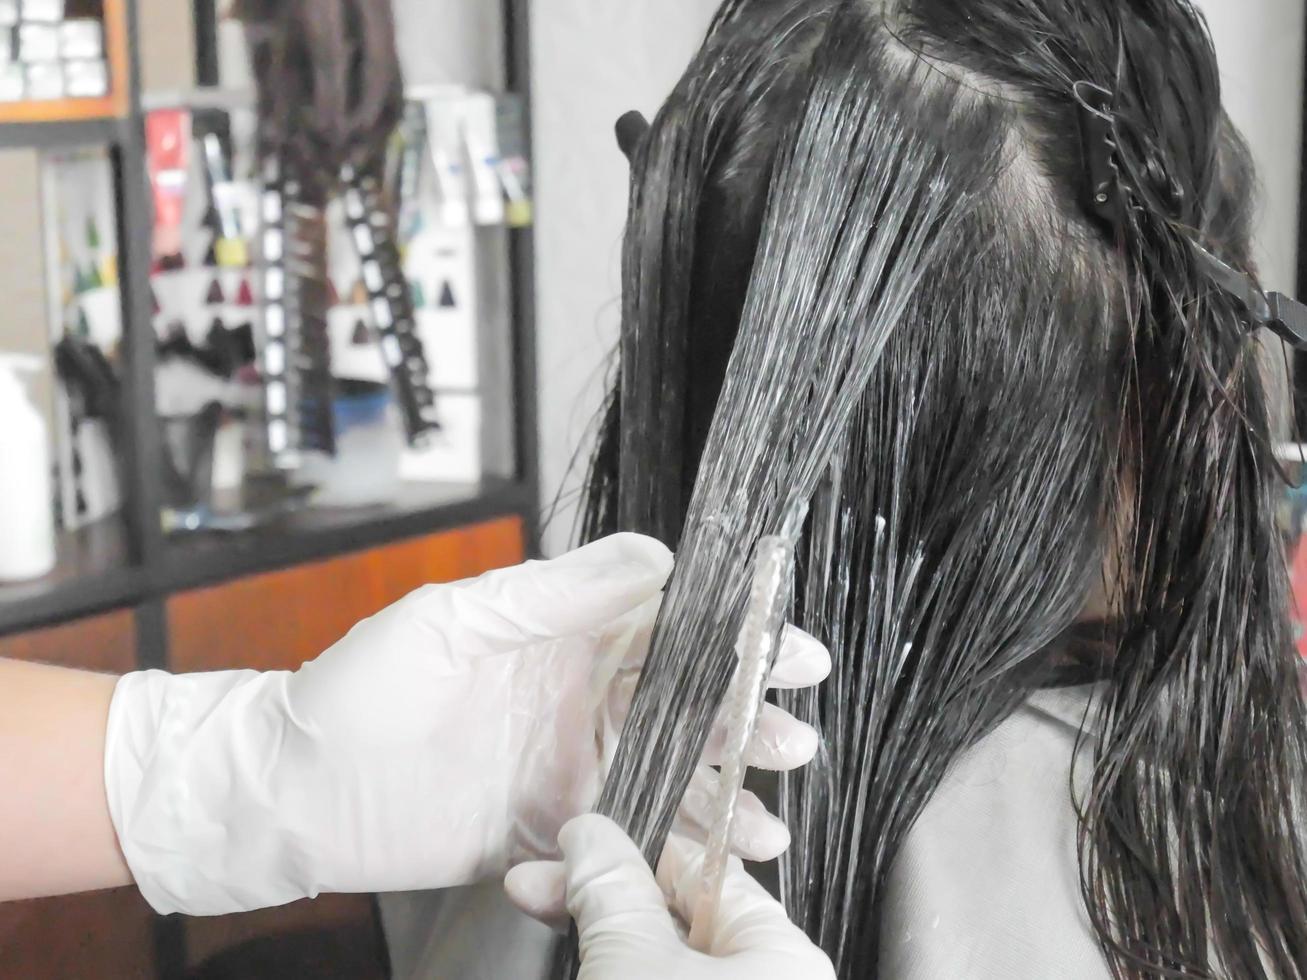 professionell frisör som färgar hår i salongen foto